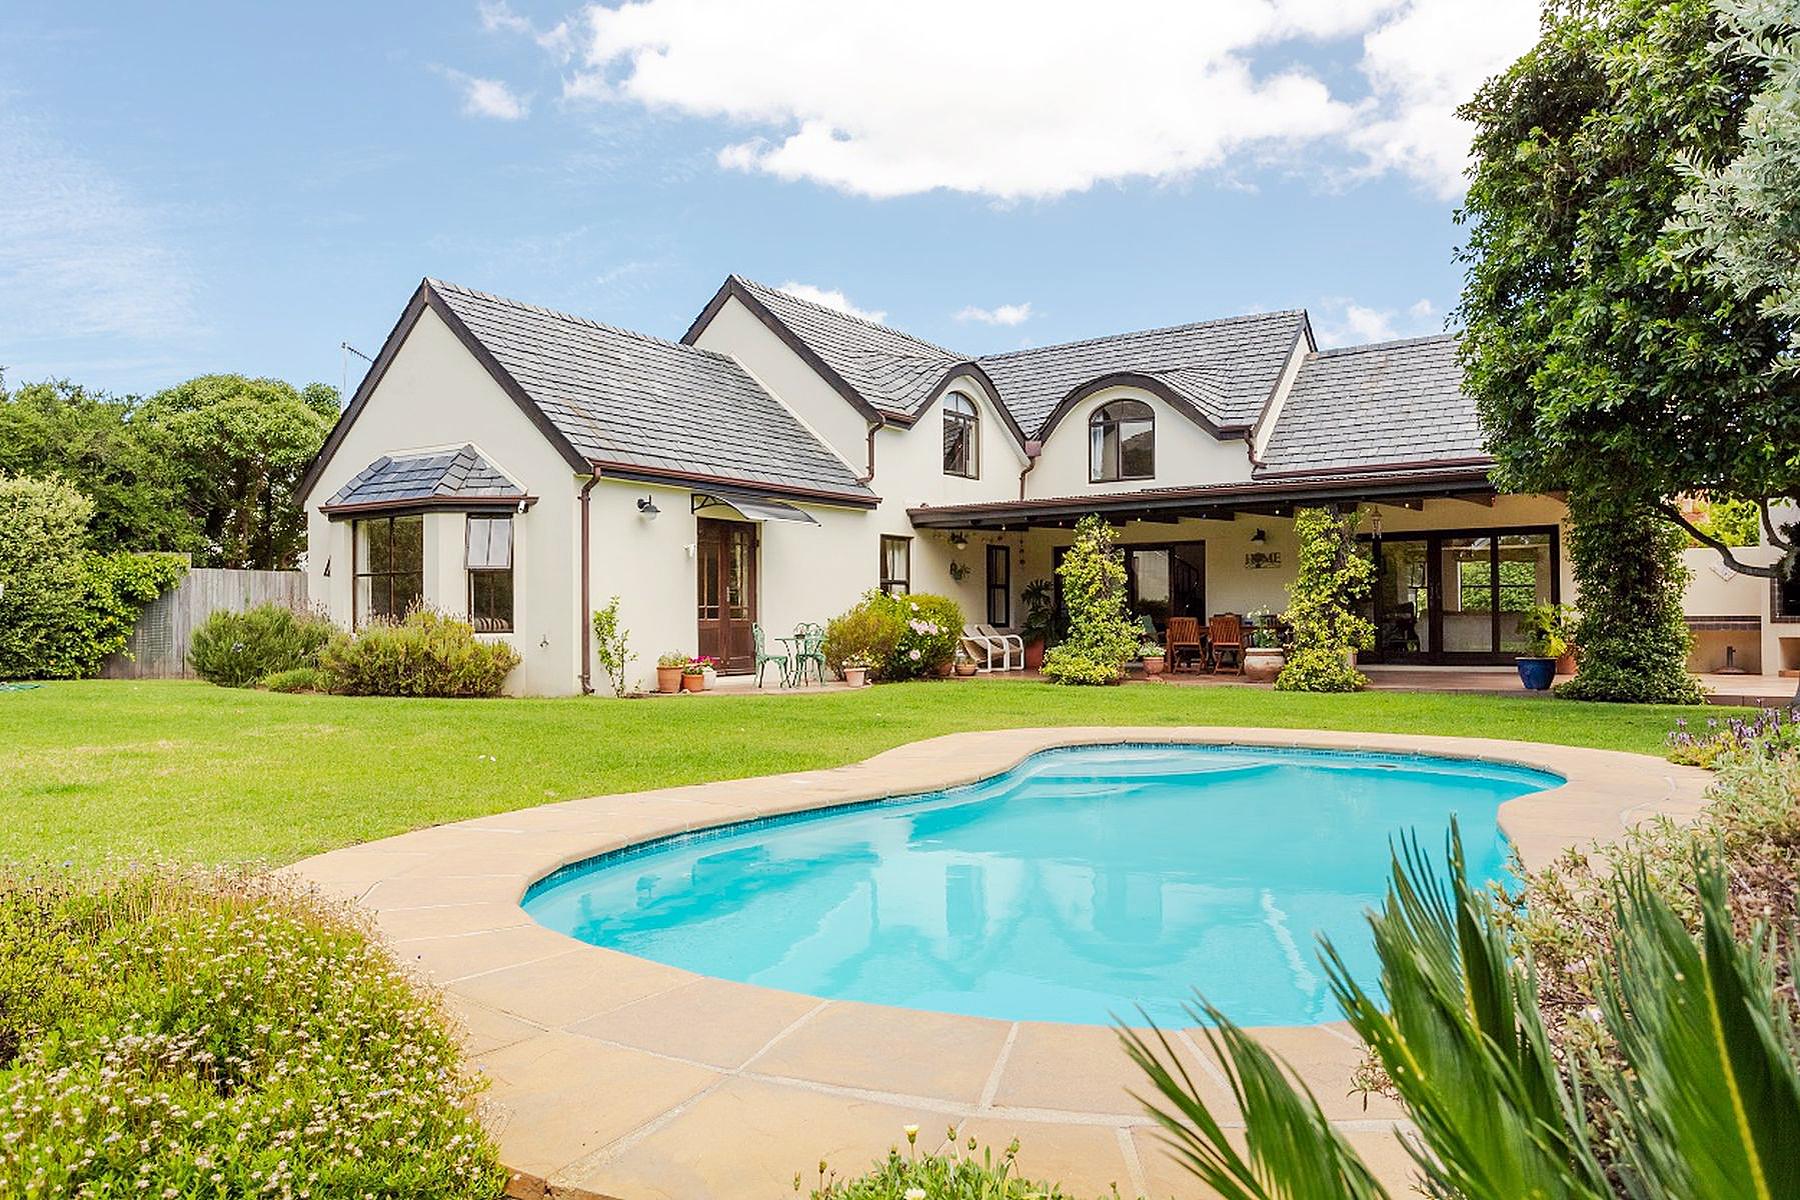 Single Family Homes por un Venta en Chapman's Peak, Noordhoek Noordhoek, Provincia Occidental Del Cabo 7975 Sudáfrica